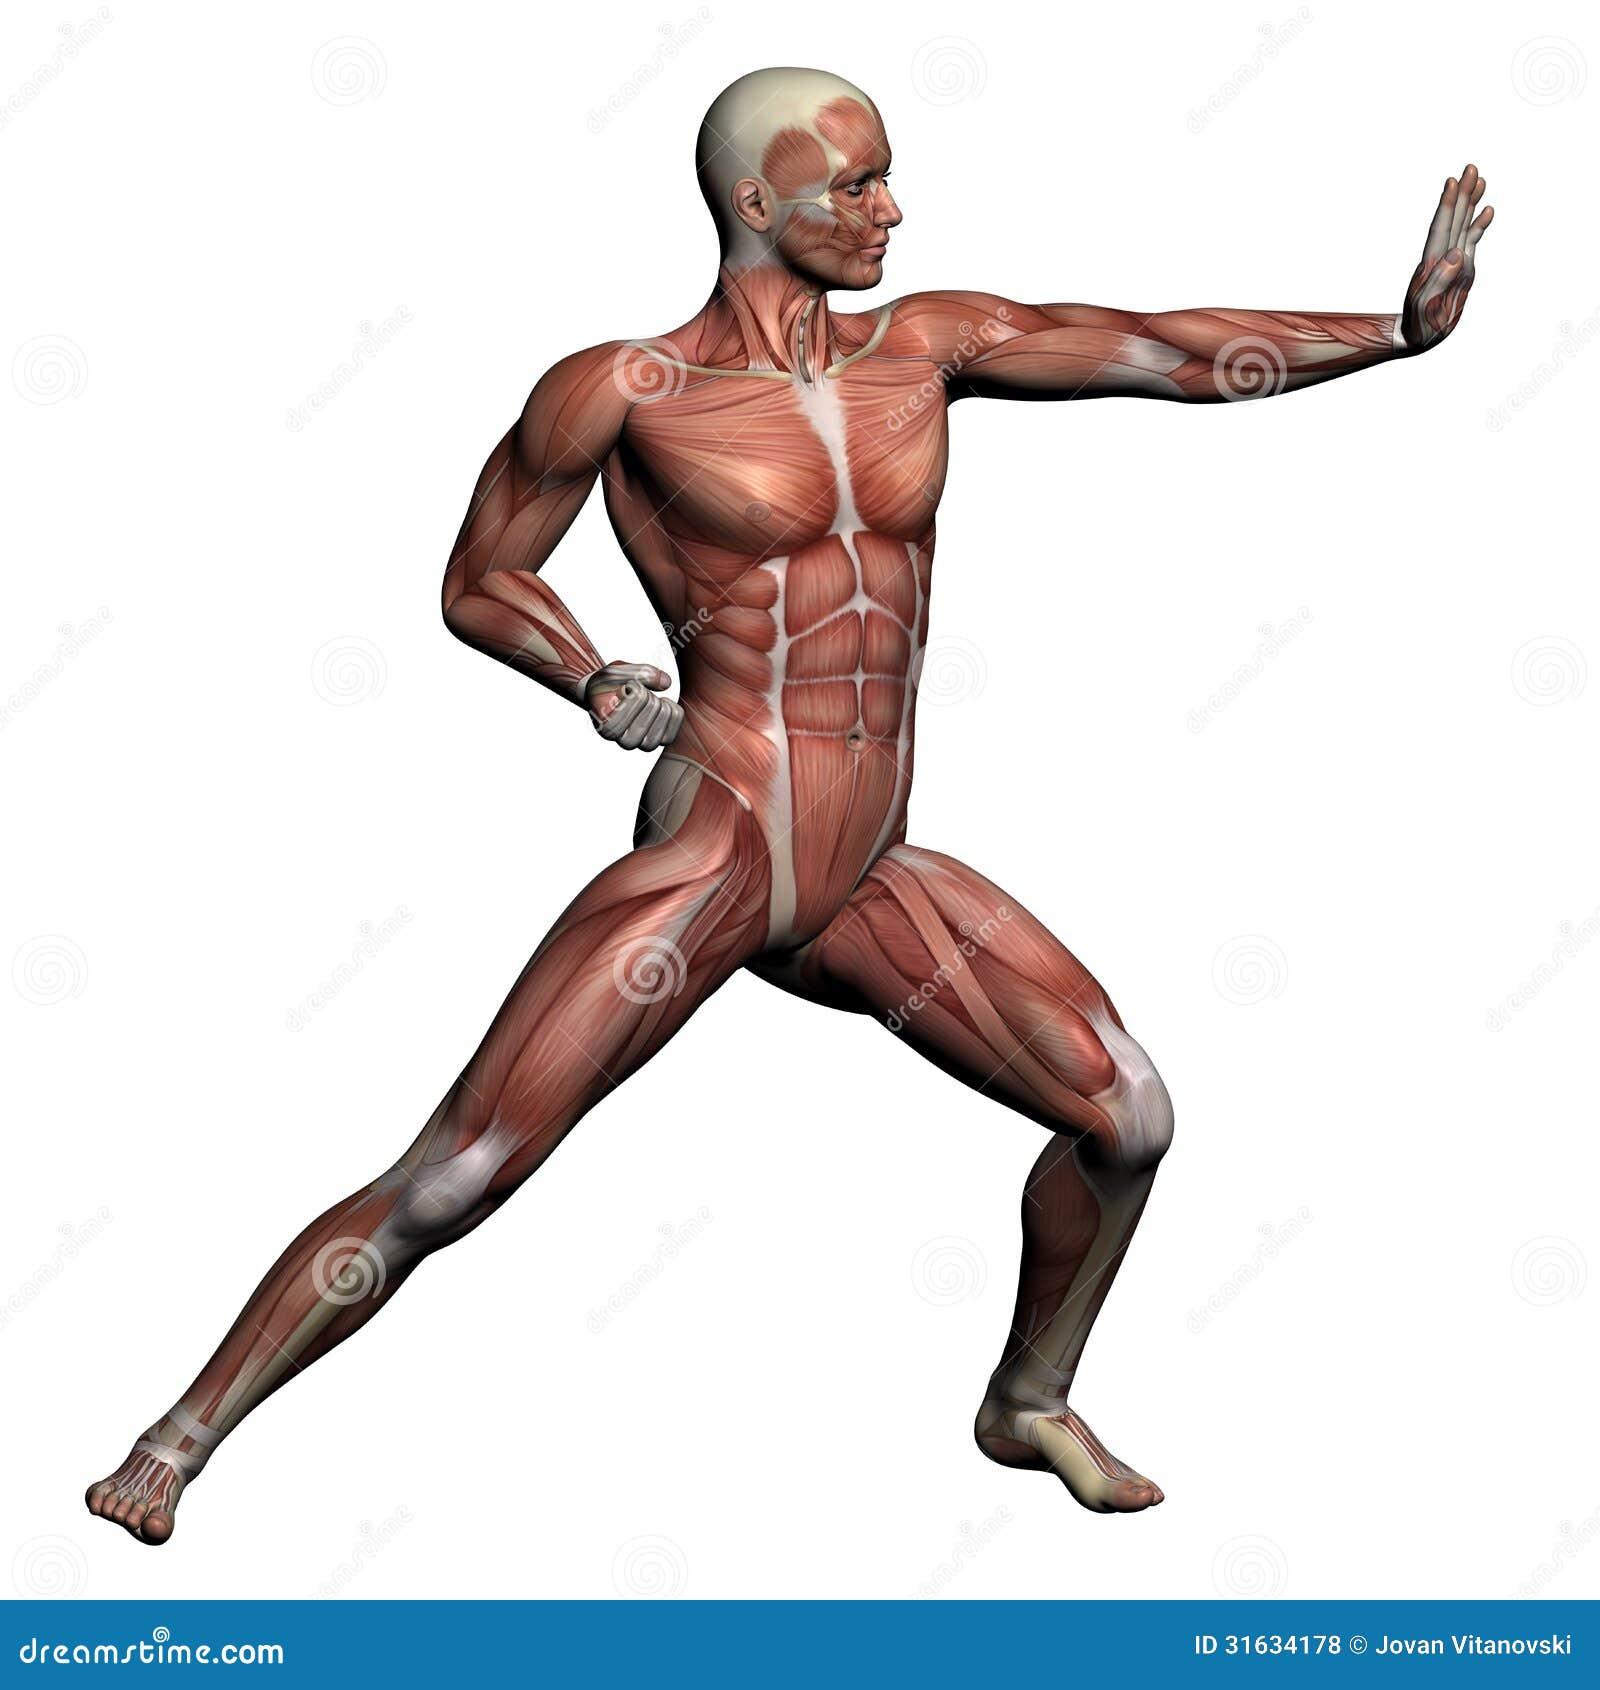 Increíble 3d Anatomía Muscular Libre Embellecimiento - Anatomía de ...